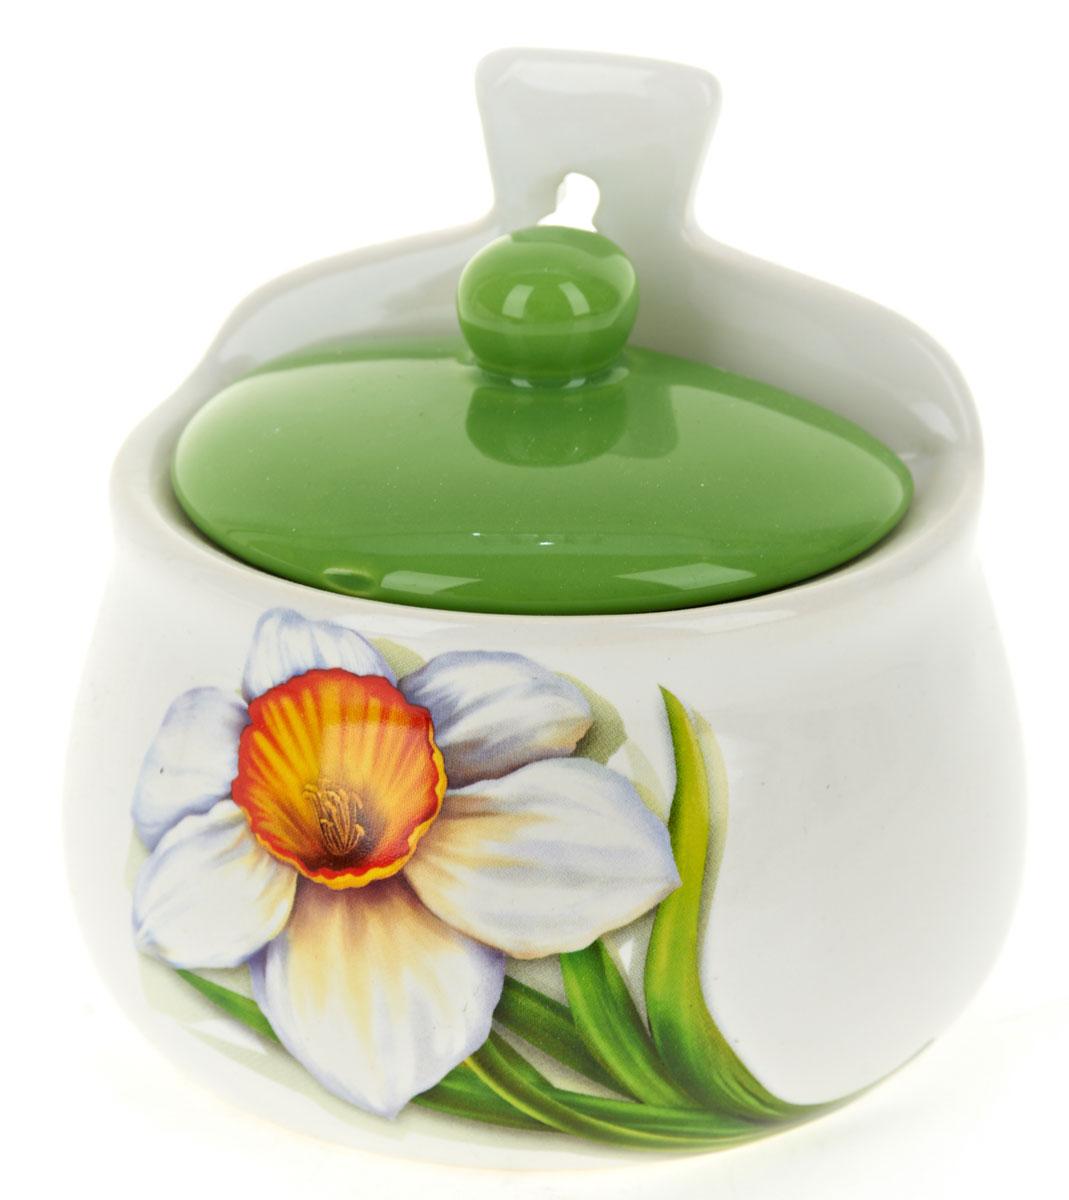 Солонка Polystar НарциссLU-1853Оригинальная солонка Нарцисс изготовлена из высококачественной керамики. Изделие имеет отверстие для подвешивания. Солонка украсит любую кухню и подчеркнет прекрасный вкус хозяина.